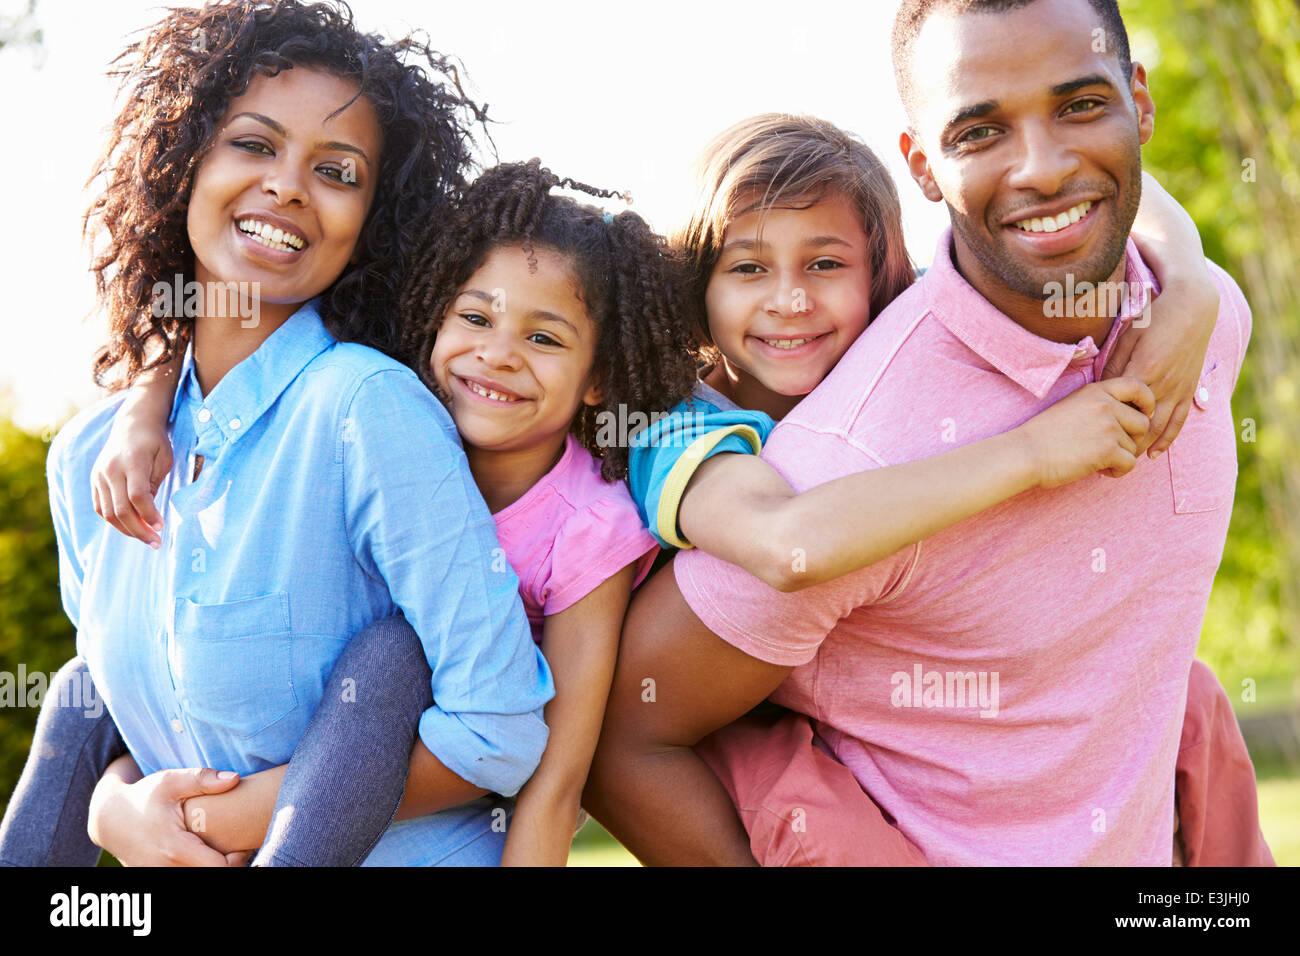 Afrikanische amerikanische Eltern den Kindern Huckepack-Fahrten Stockfoto